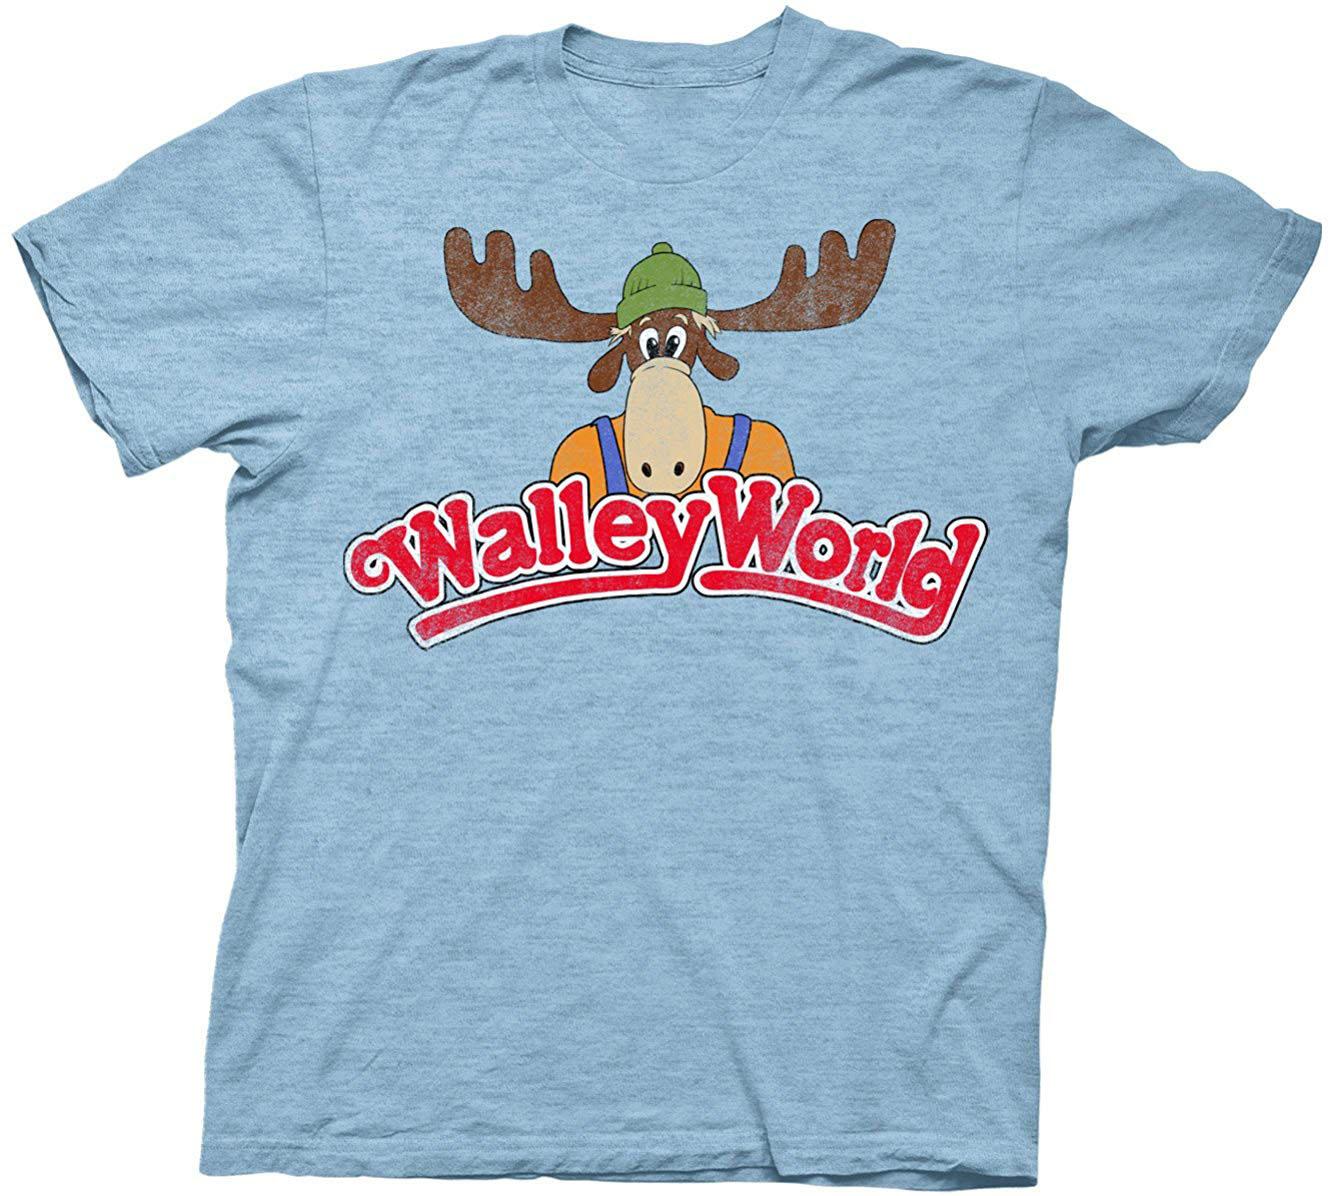 Camiseta nacional Lampoons Vacation Wally World para adultos, camiseta para hombres y mujeres, camiseta con pantalla personalizada impresa